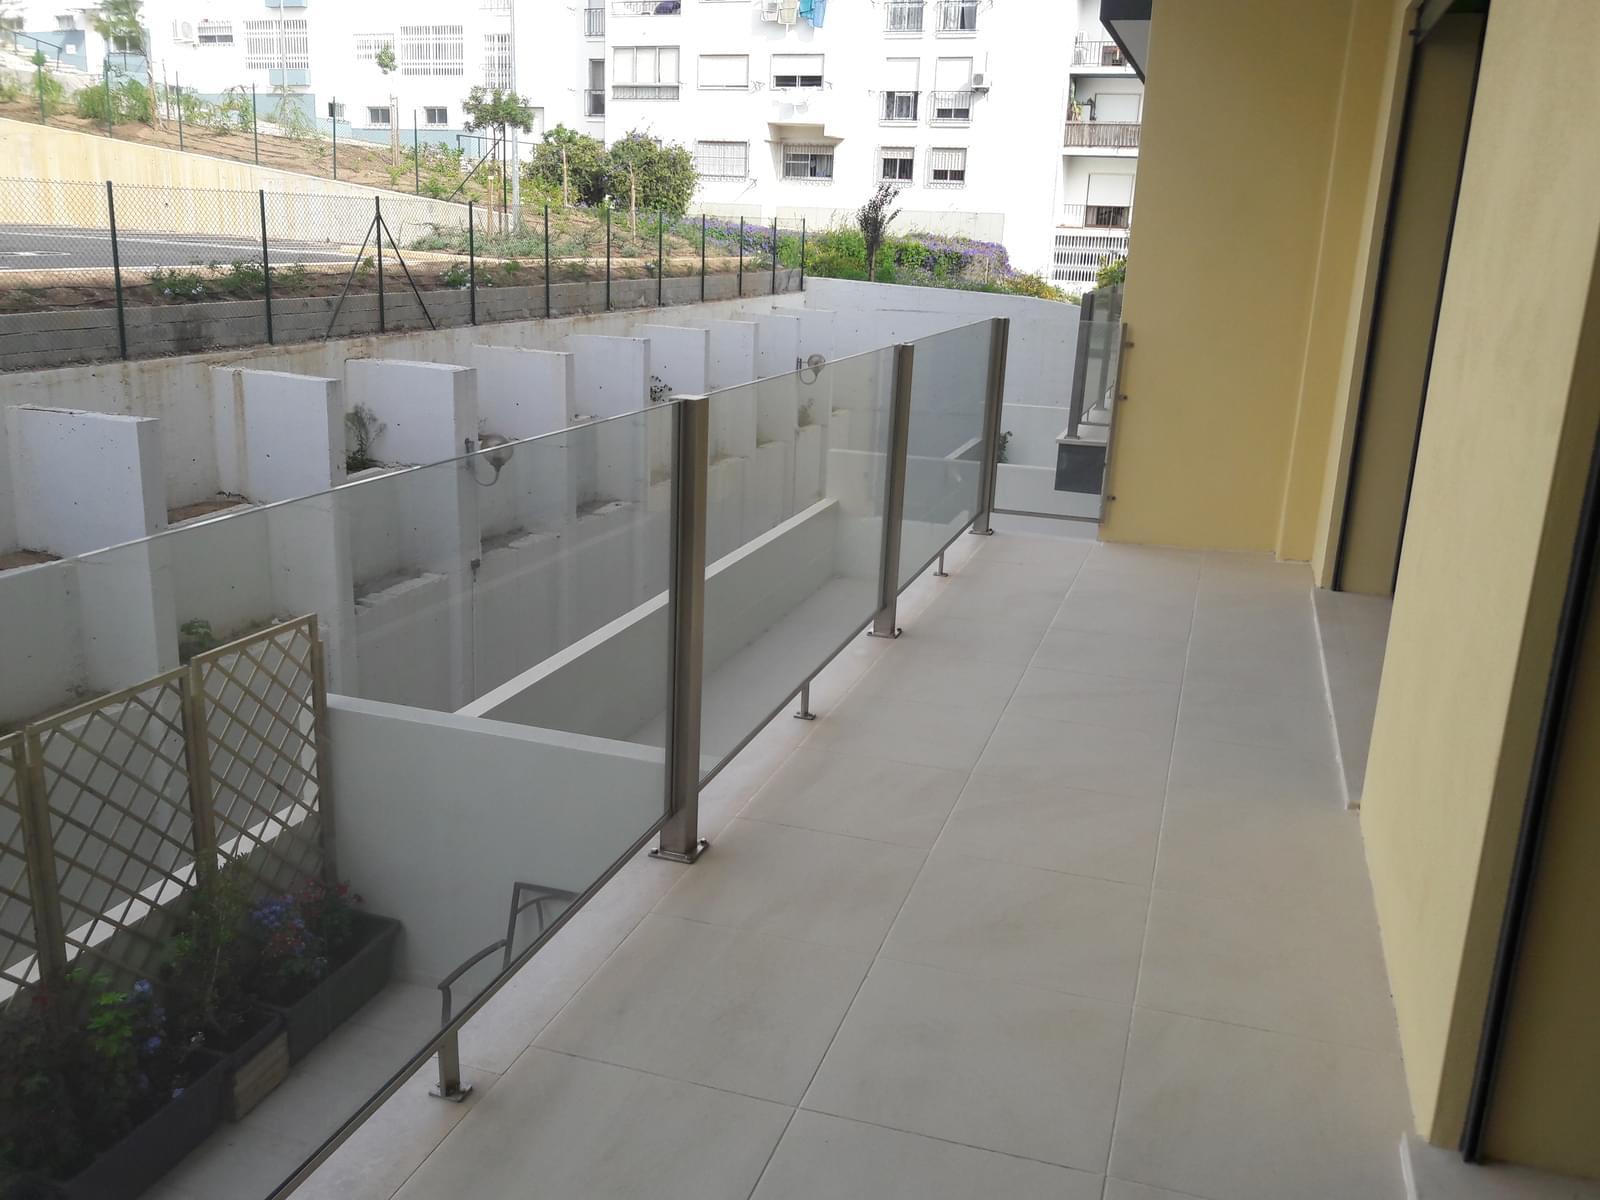 pf18284-apartamento-t2-cascais-0da7e848-fcdc-4196-9476-36fbe8a0c47f